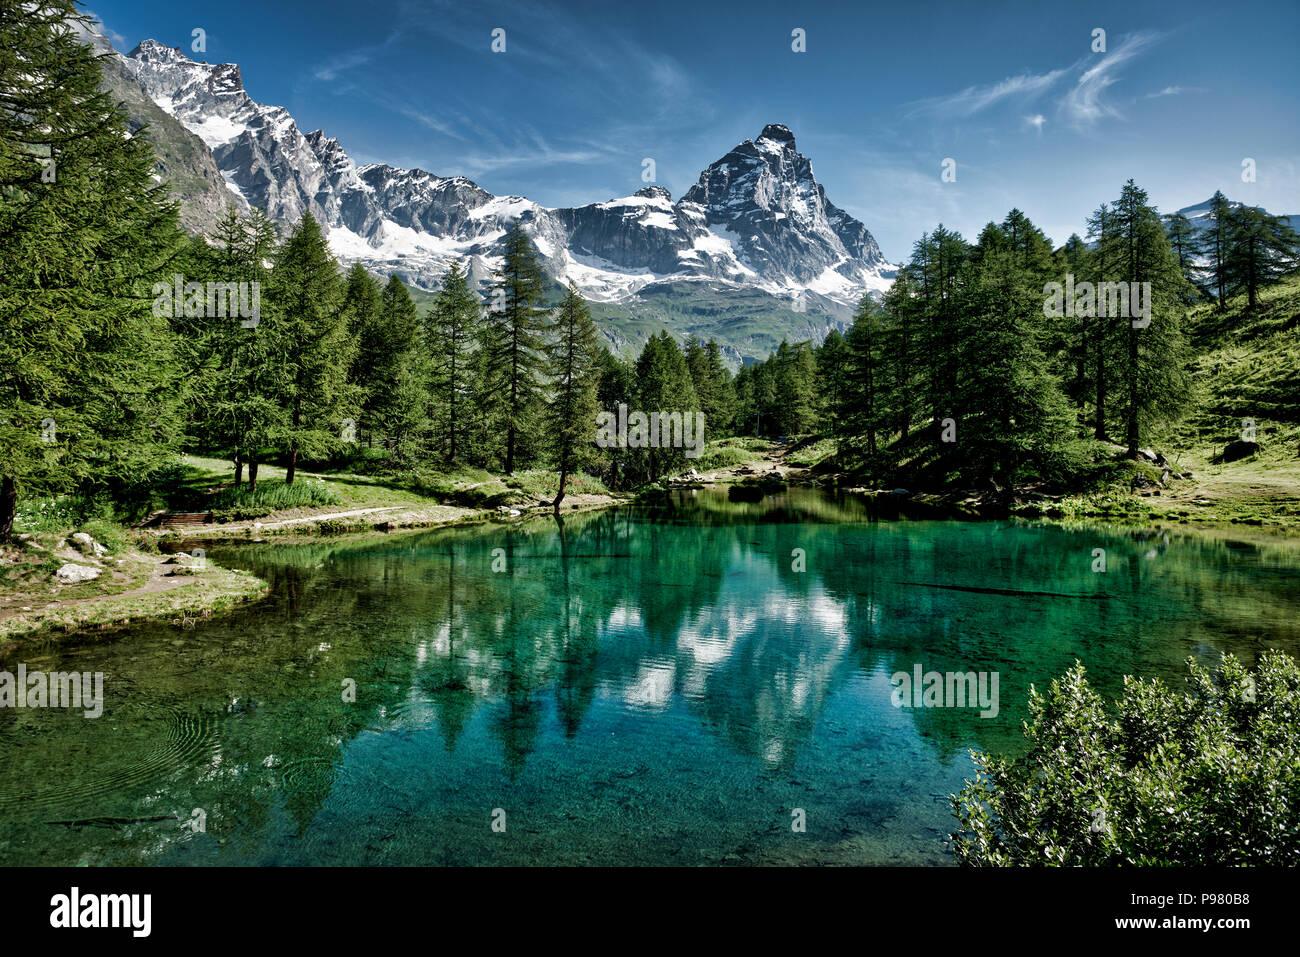 Il lago blu e il Monte Cervino in un pittoresco paesaggio estivo soleggiato con le luci visto da Breuil-Cervinia, Valle d'Aosta - Italia Immagini Stock